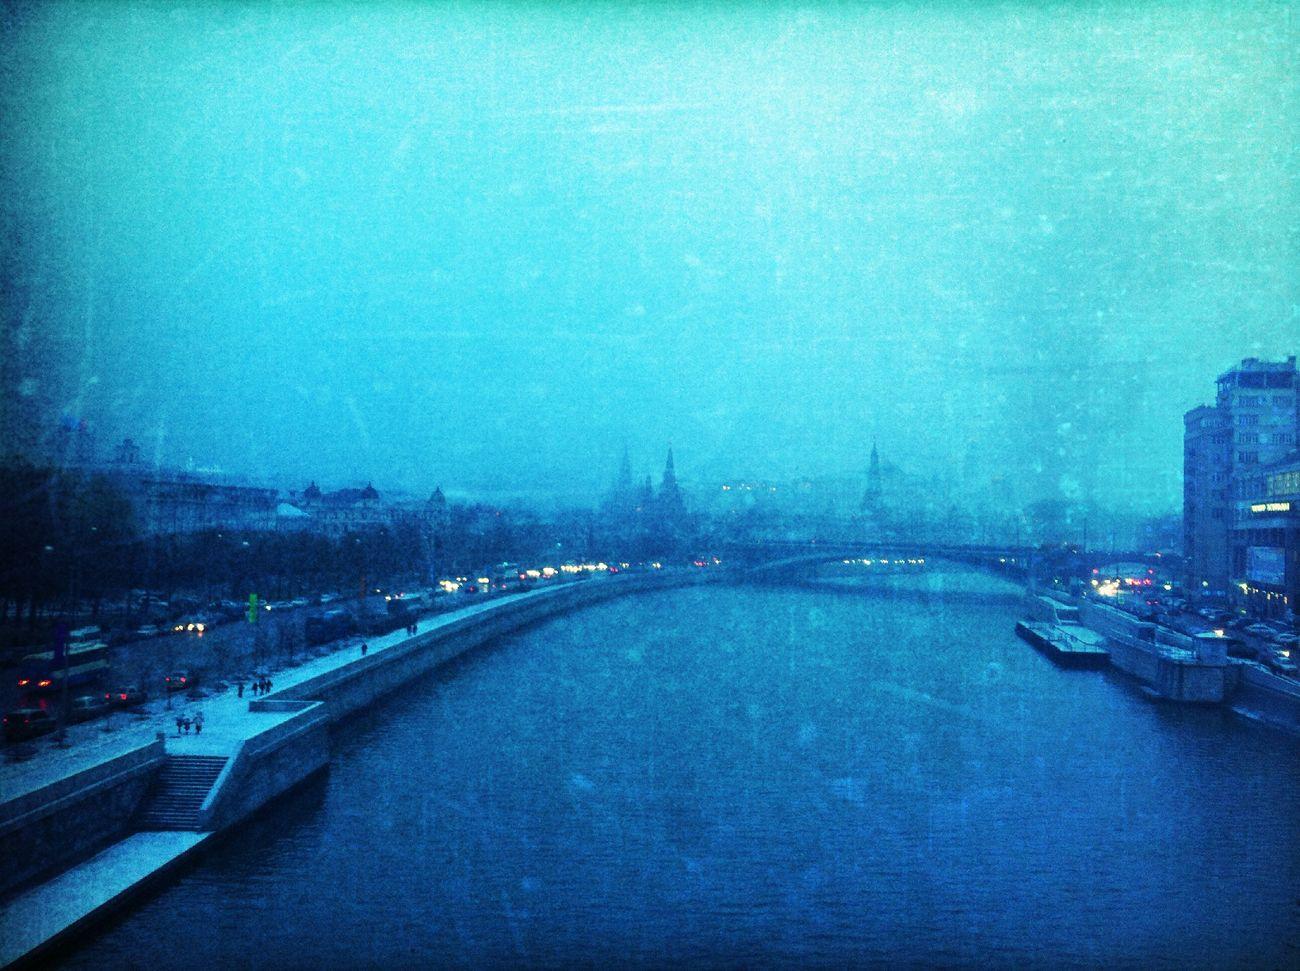 bridge at Патриарший мост Bridge